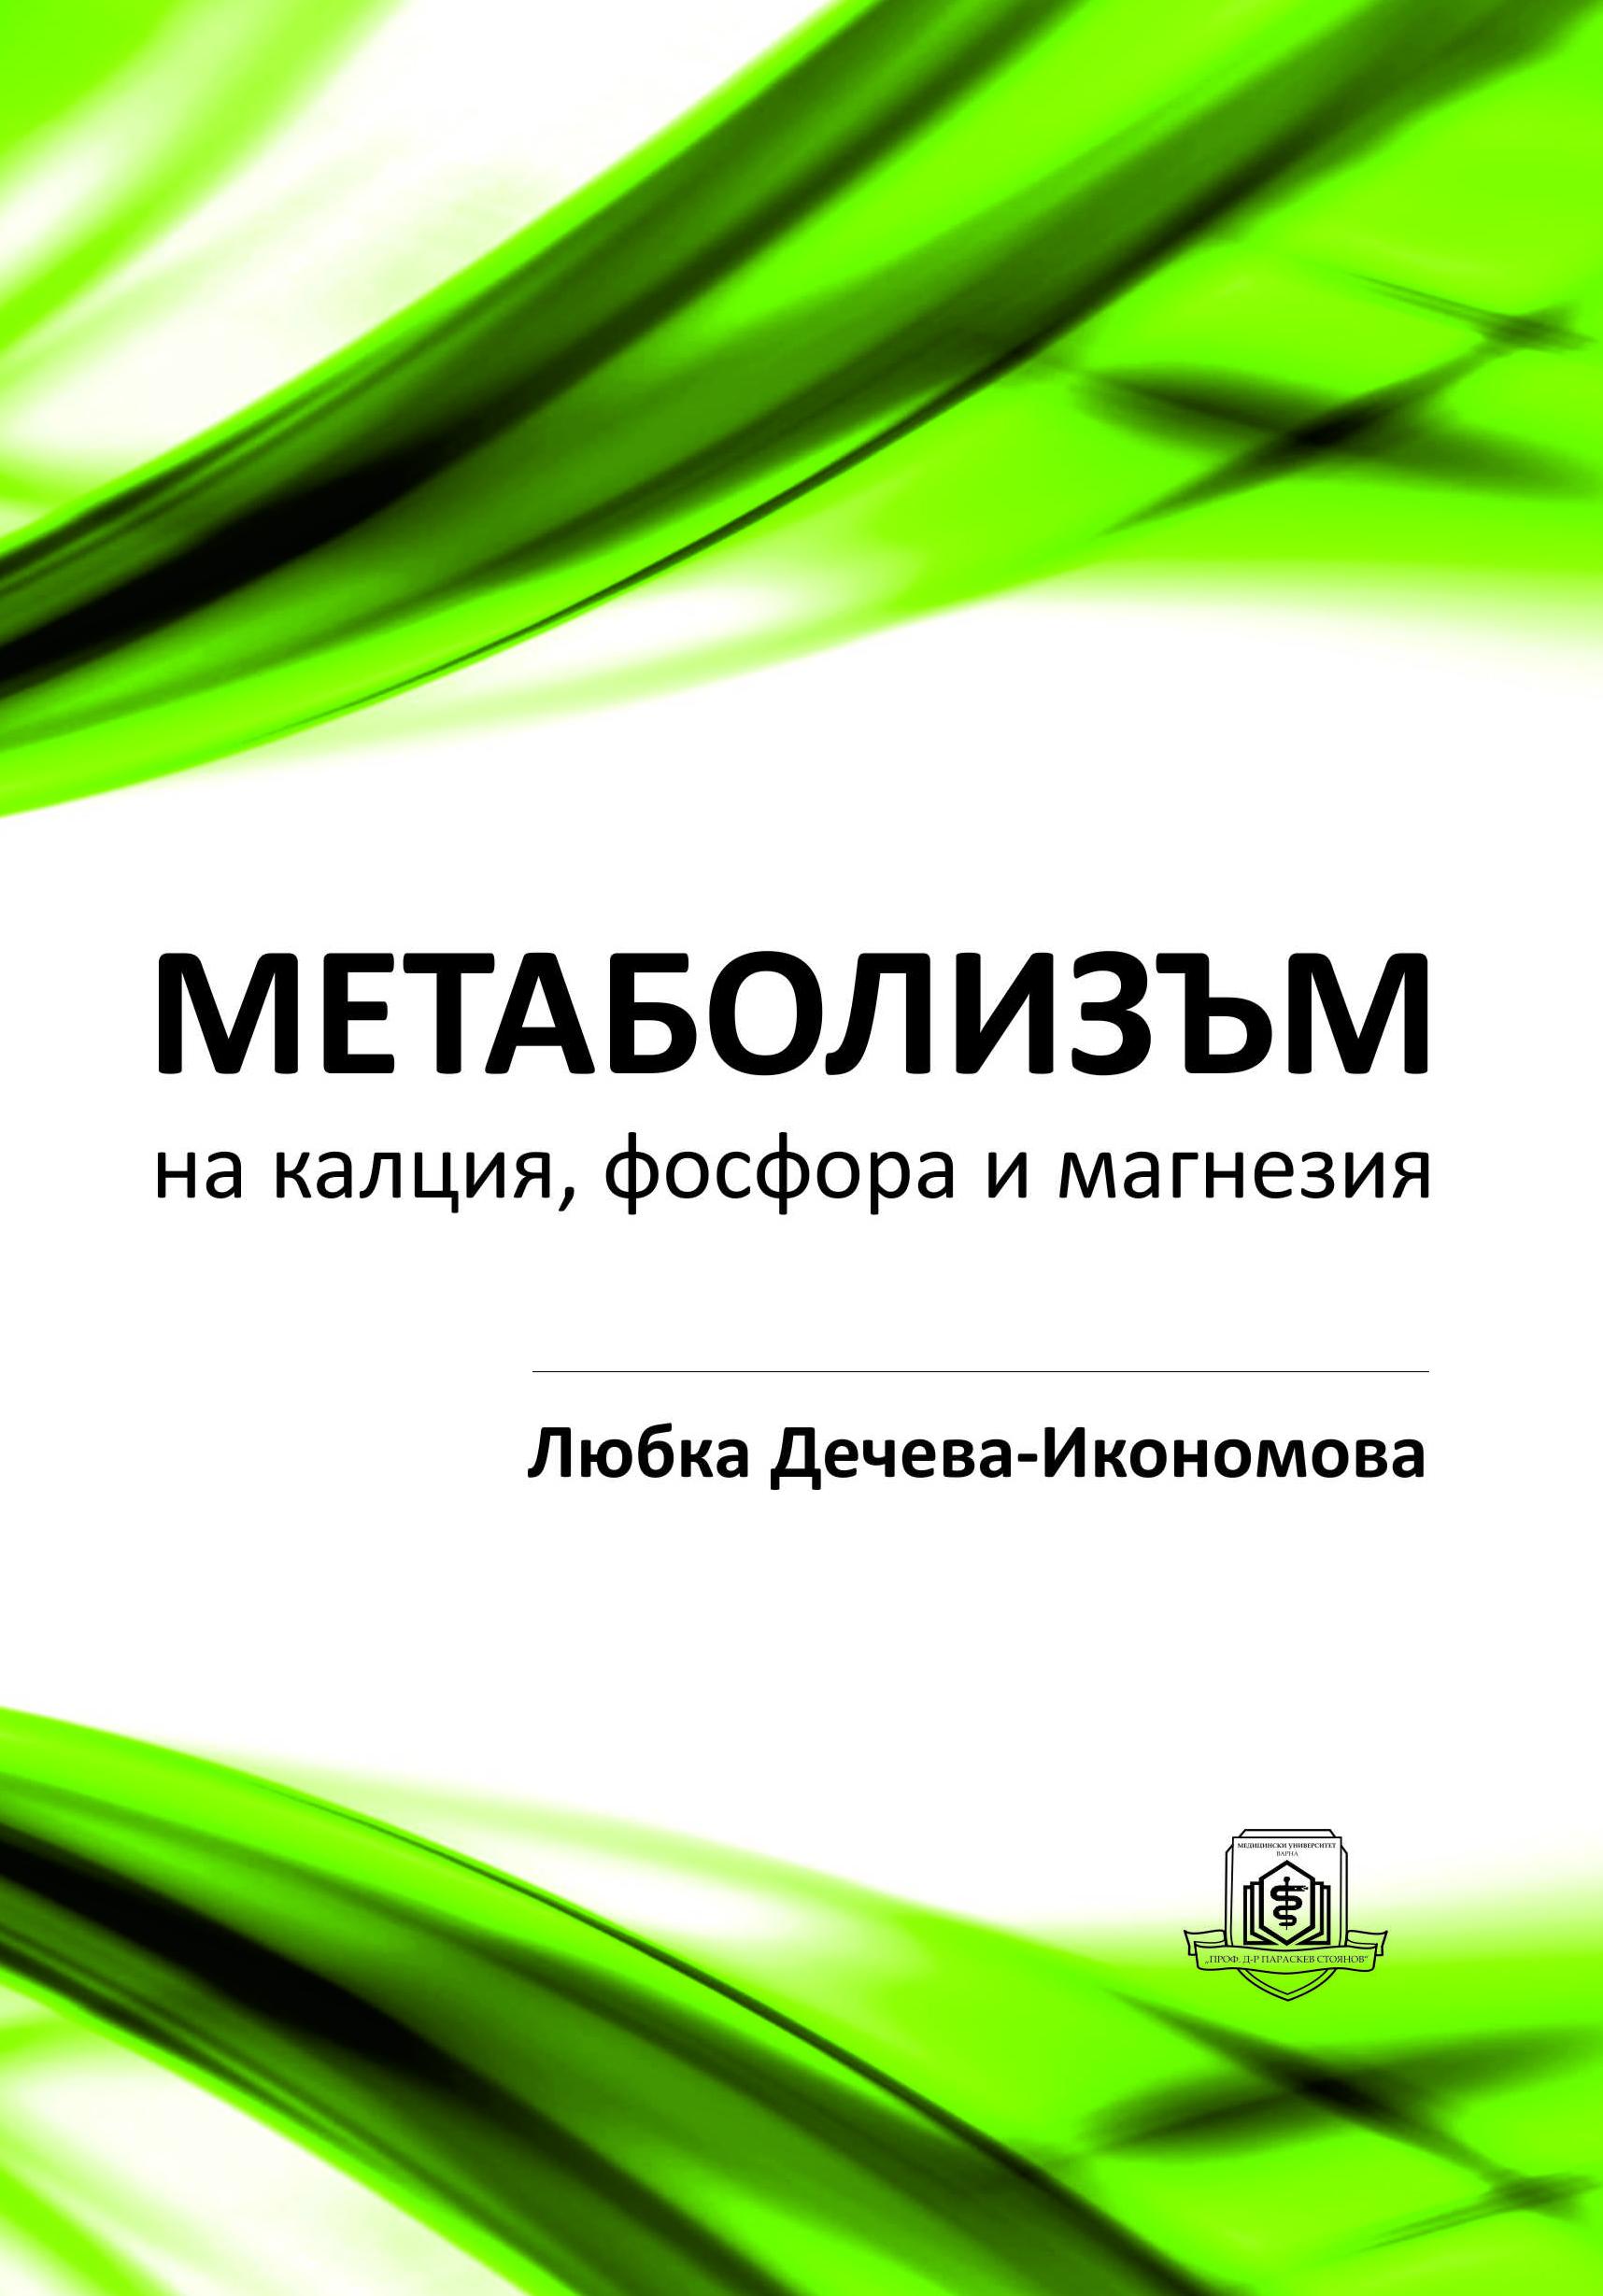 Метаболизъм на калция, фосфора и магнезия